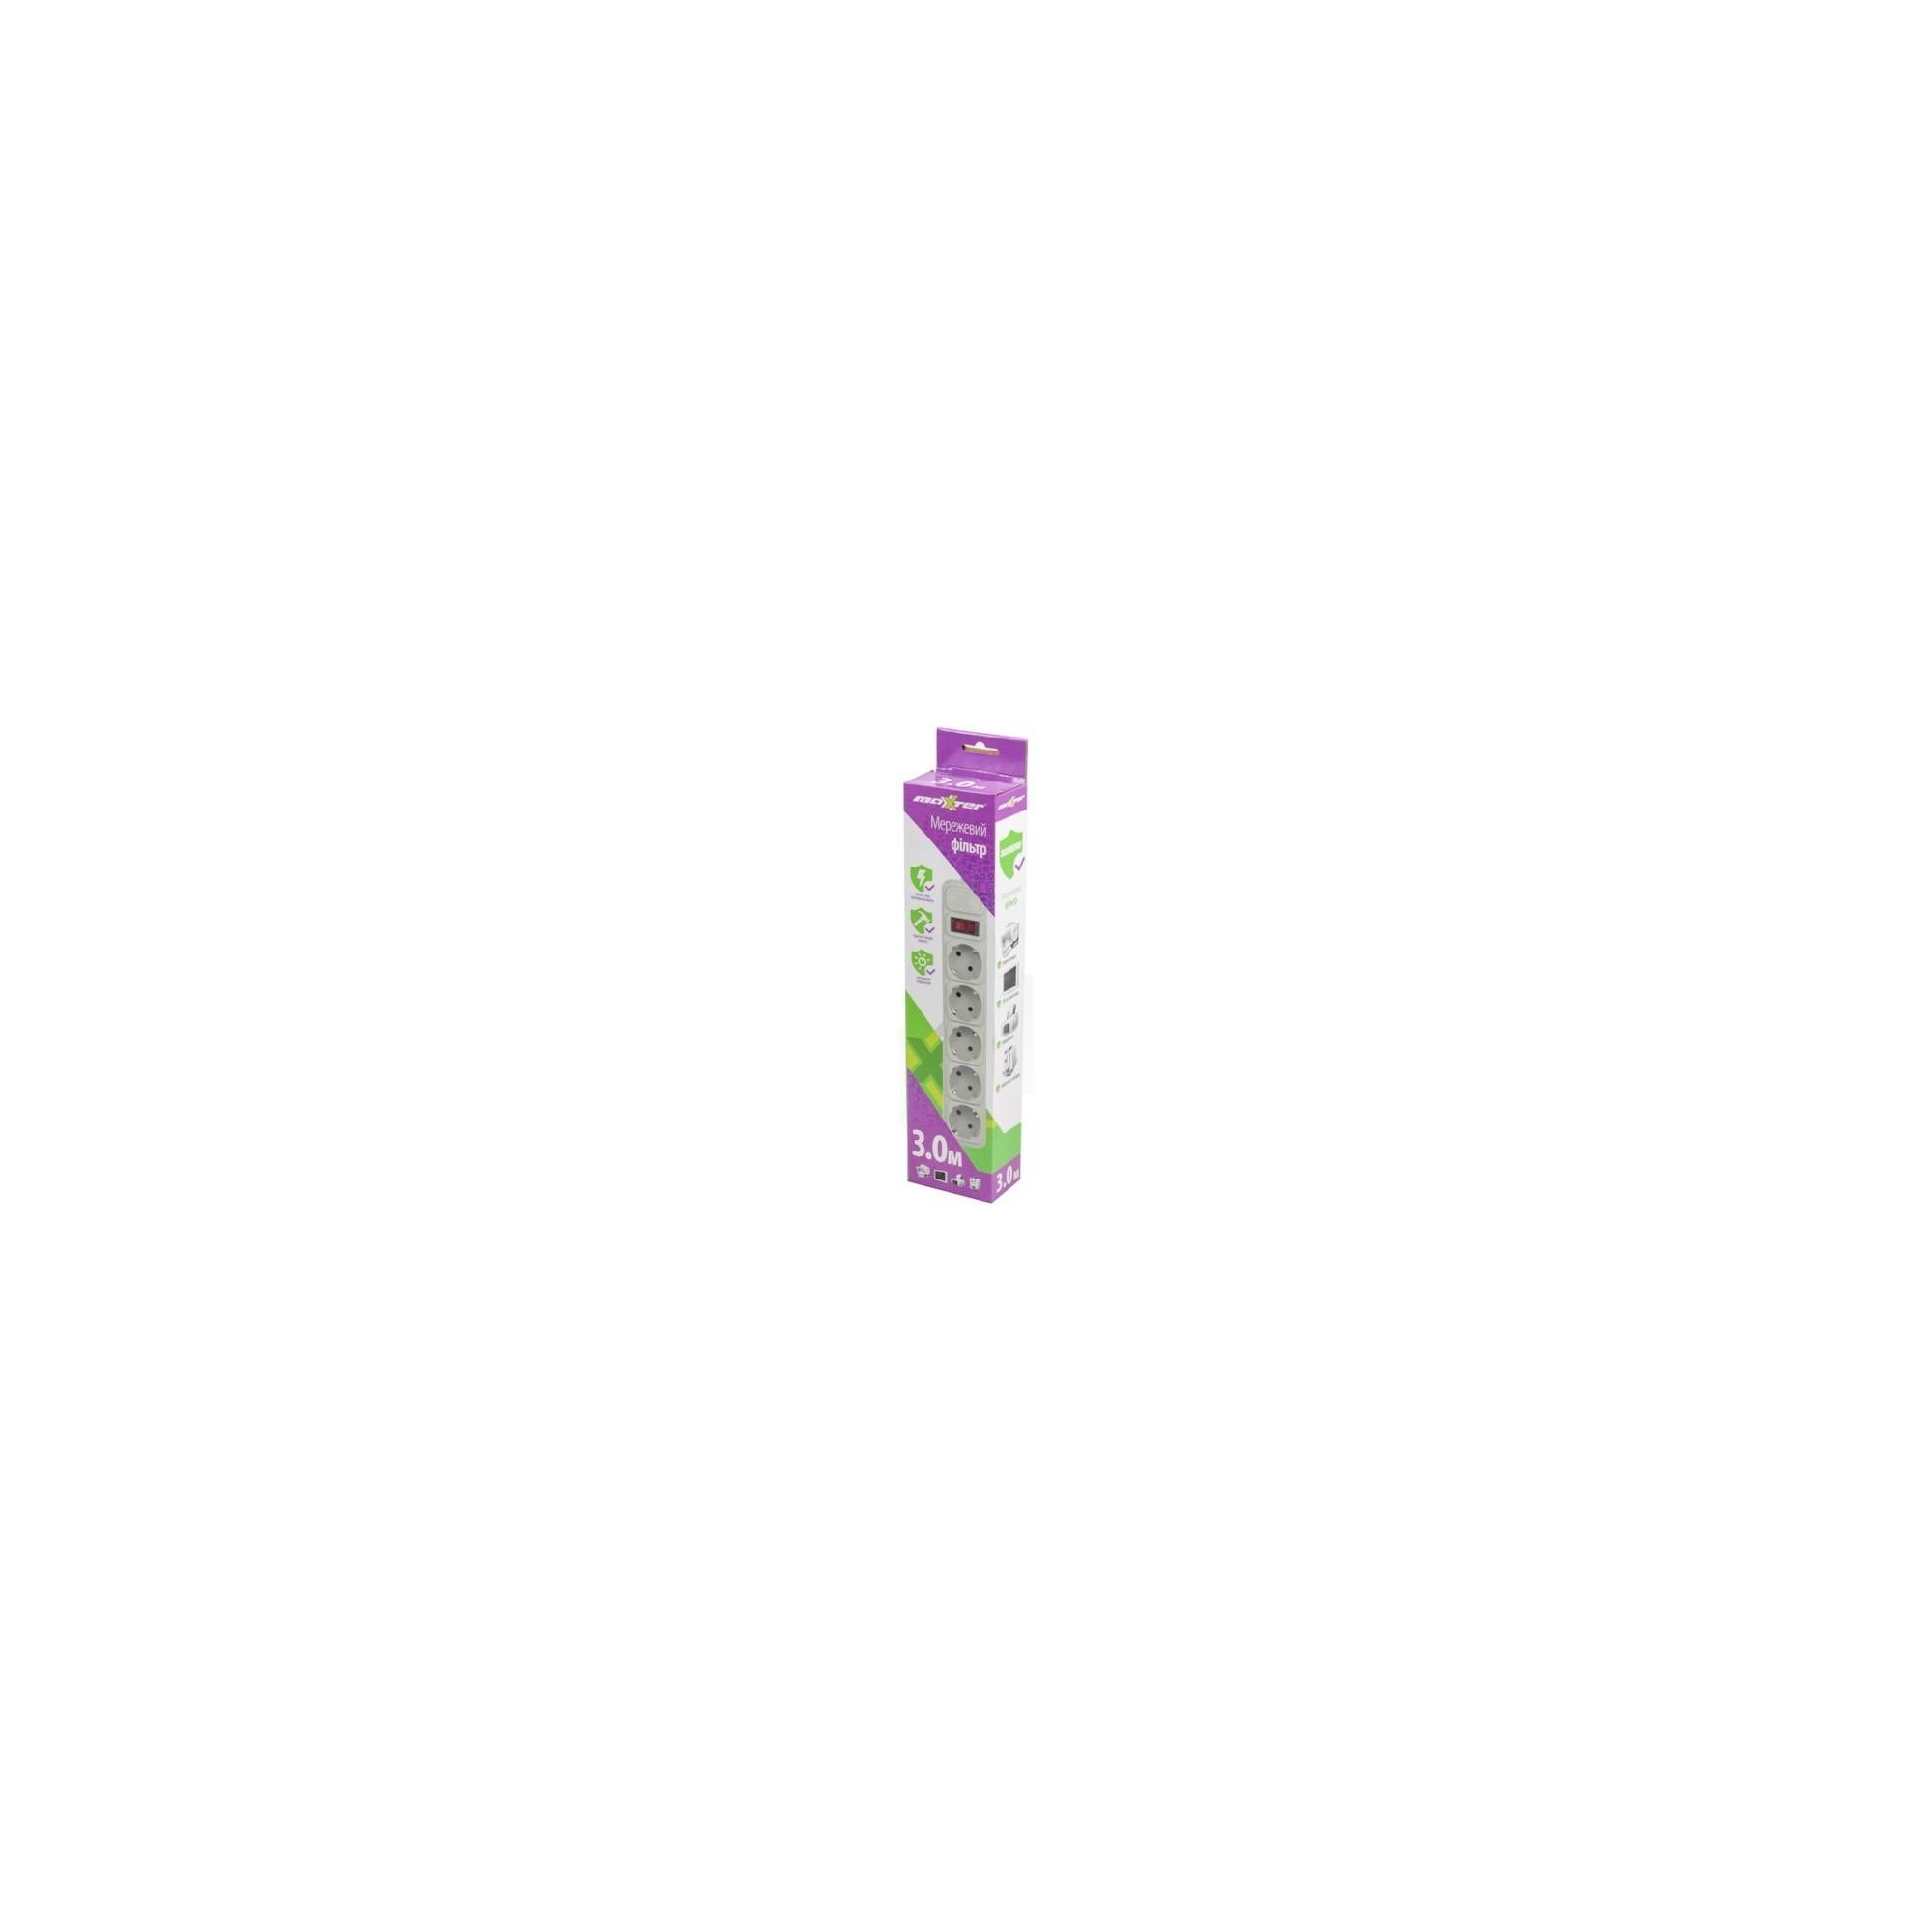 Сетевой фильтр MAXXTER, 3 м, 5 розеток MAXXTER - 1